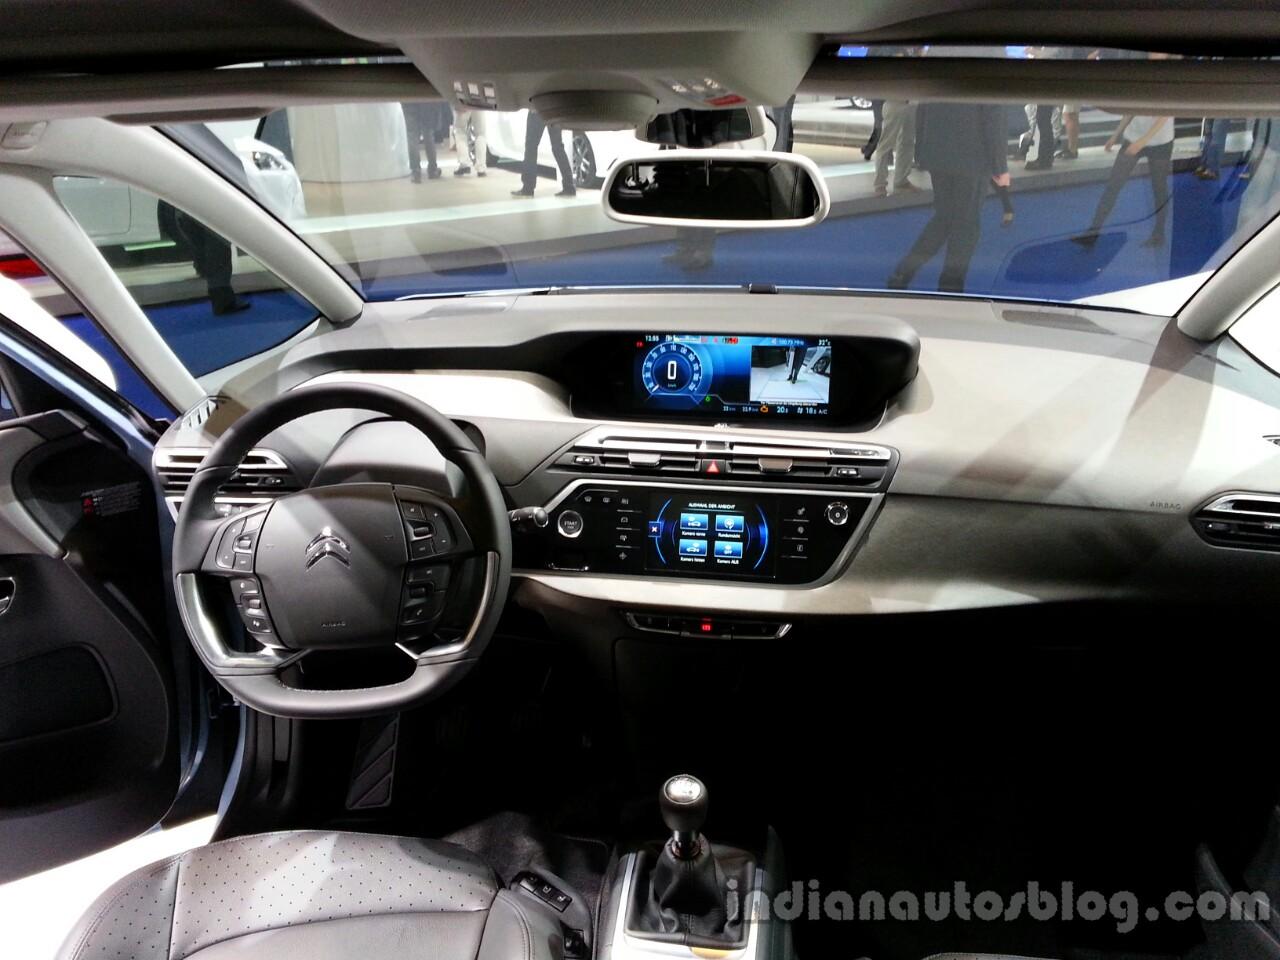 https://img.indianautosblog.com/2013/08/Interior-of-the-2014-Citroen-Grand-C4-Picasso.jpg